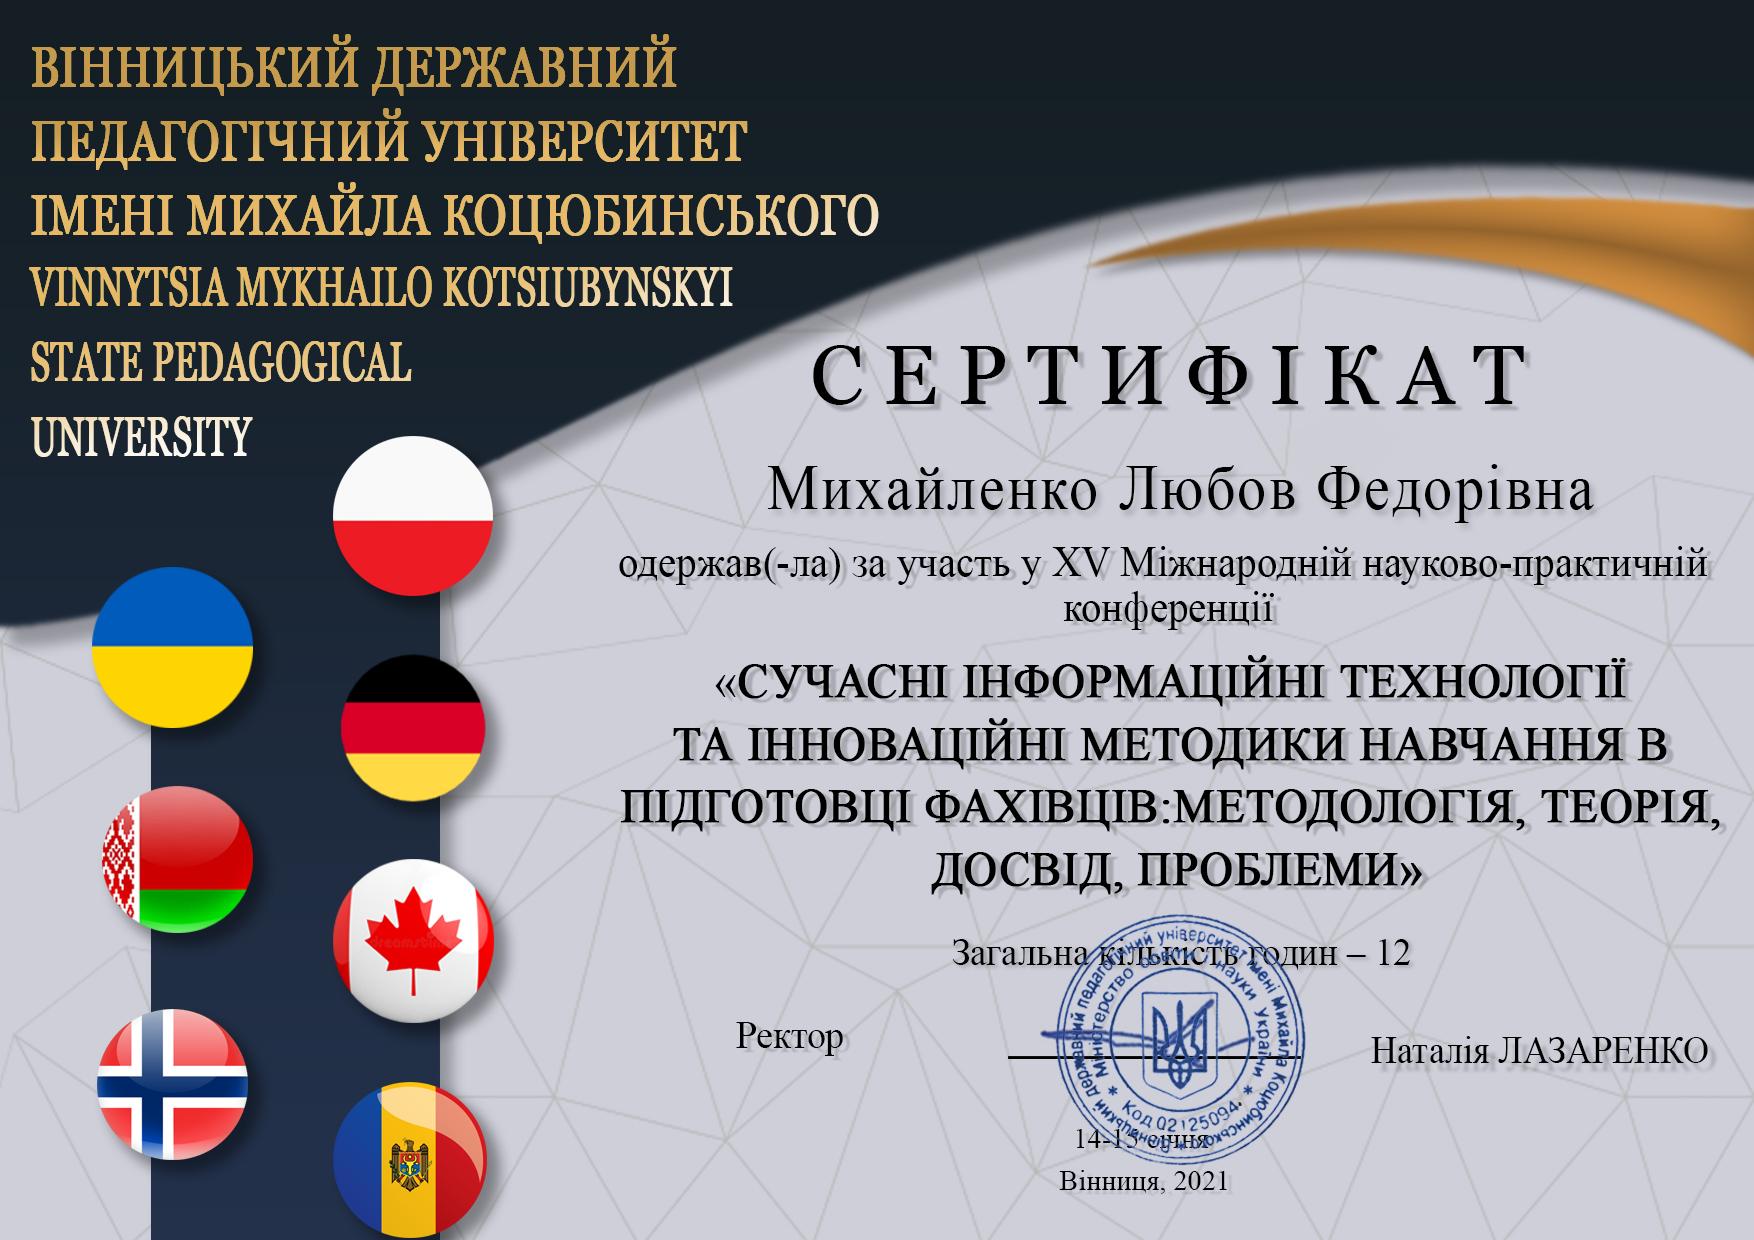 Михайленко Любов Федорівна